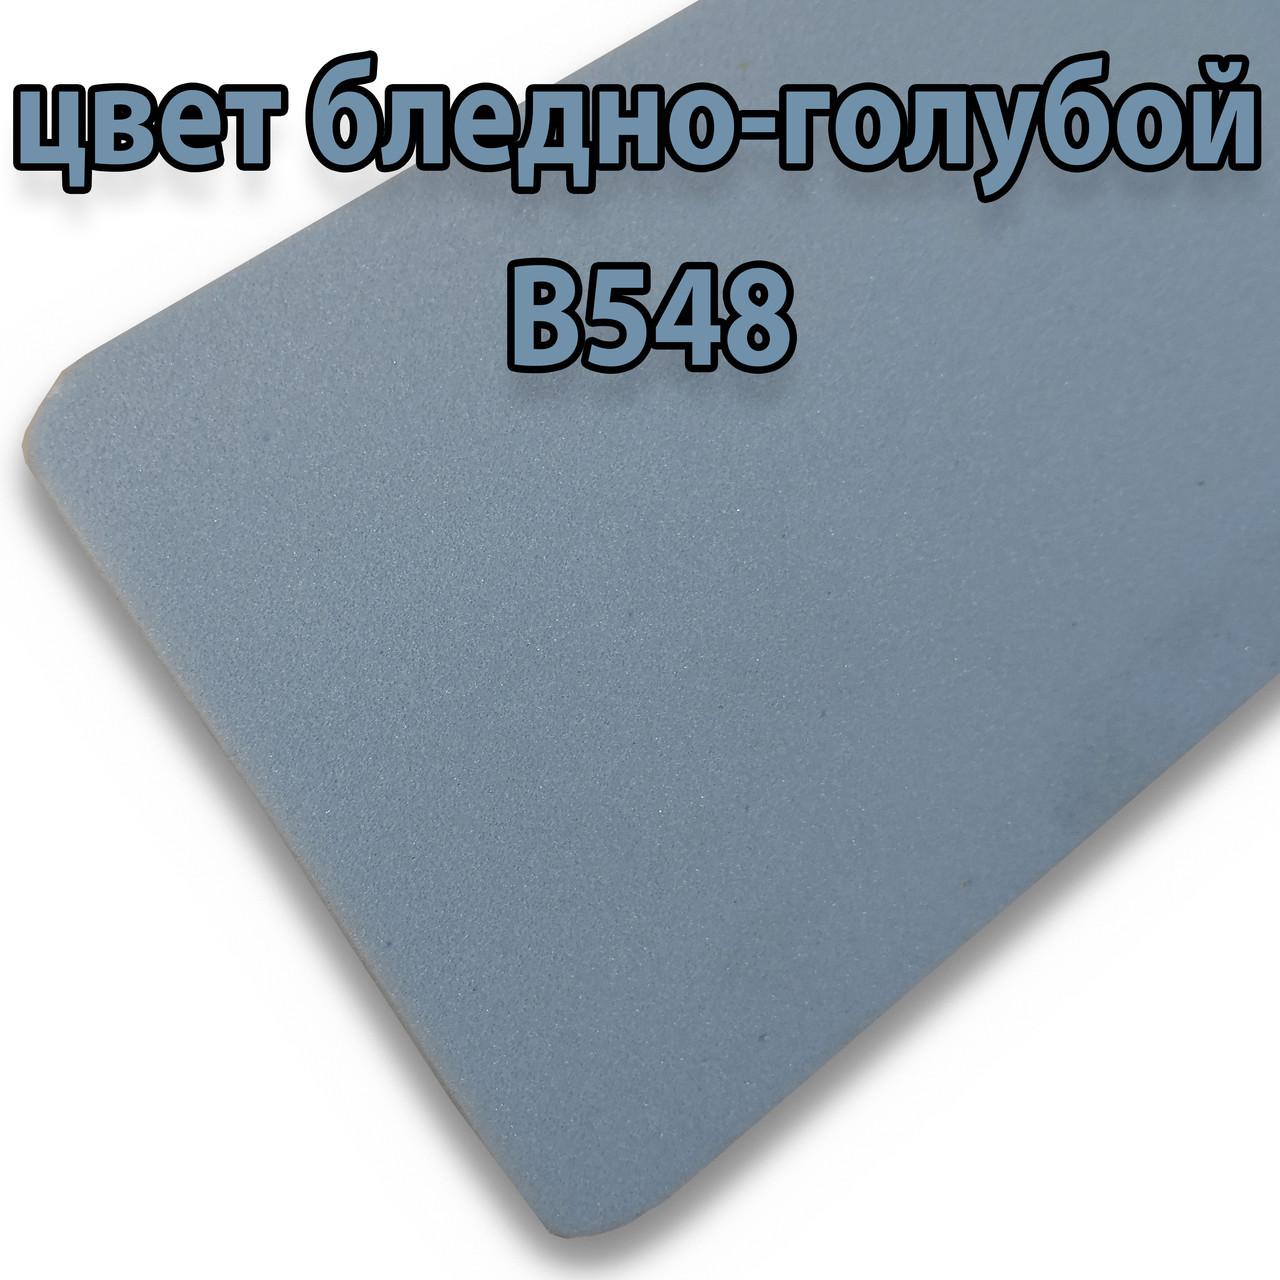 Ізолон кольоровий, 2 мм блідо-блакитний